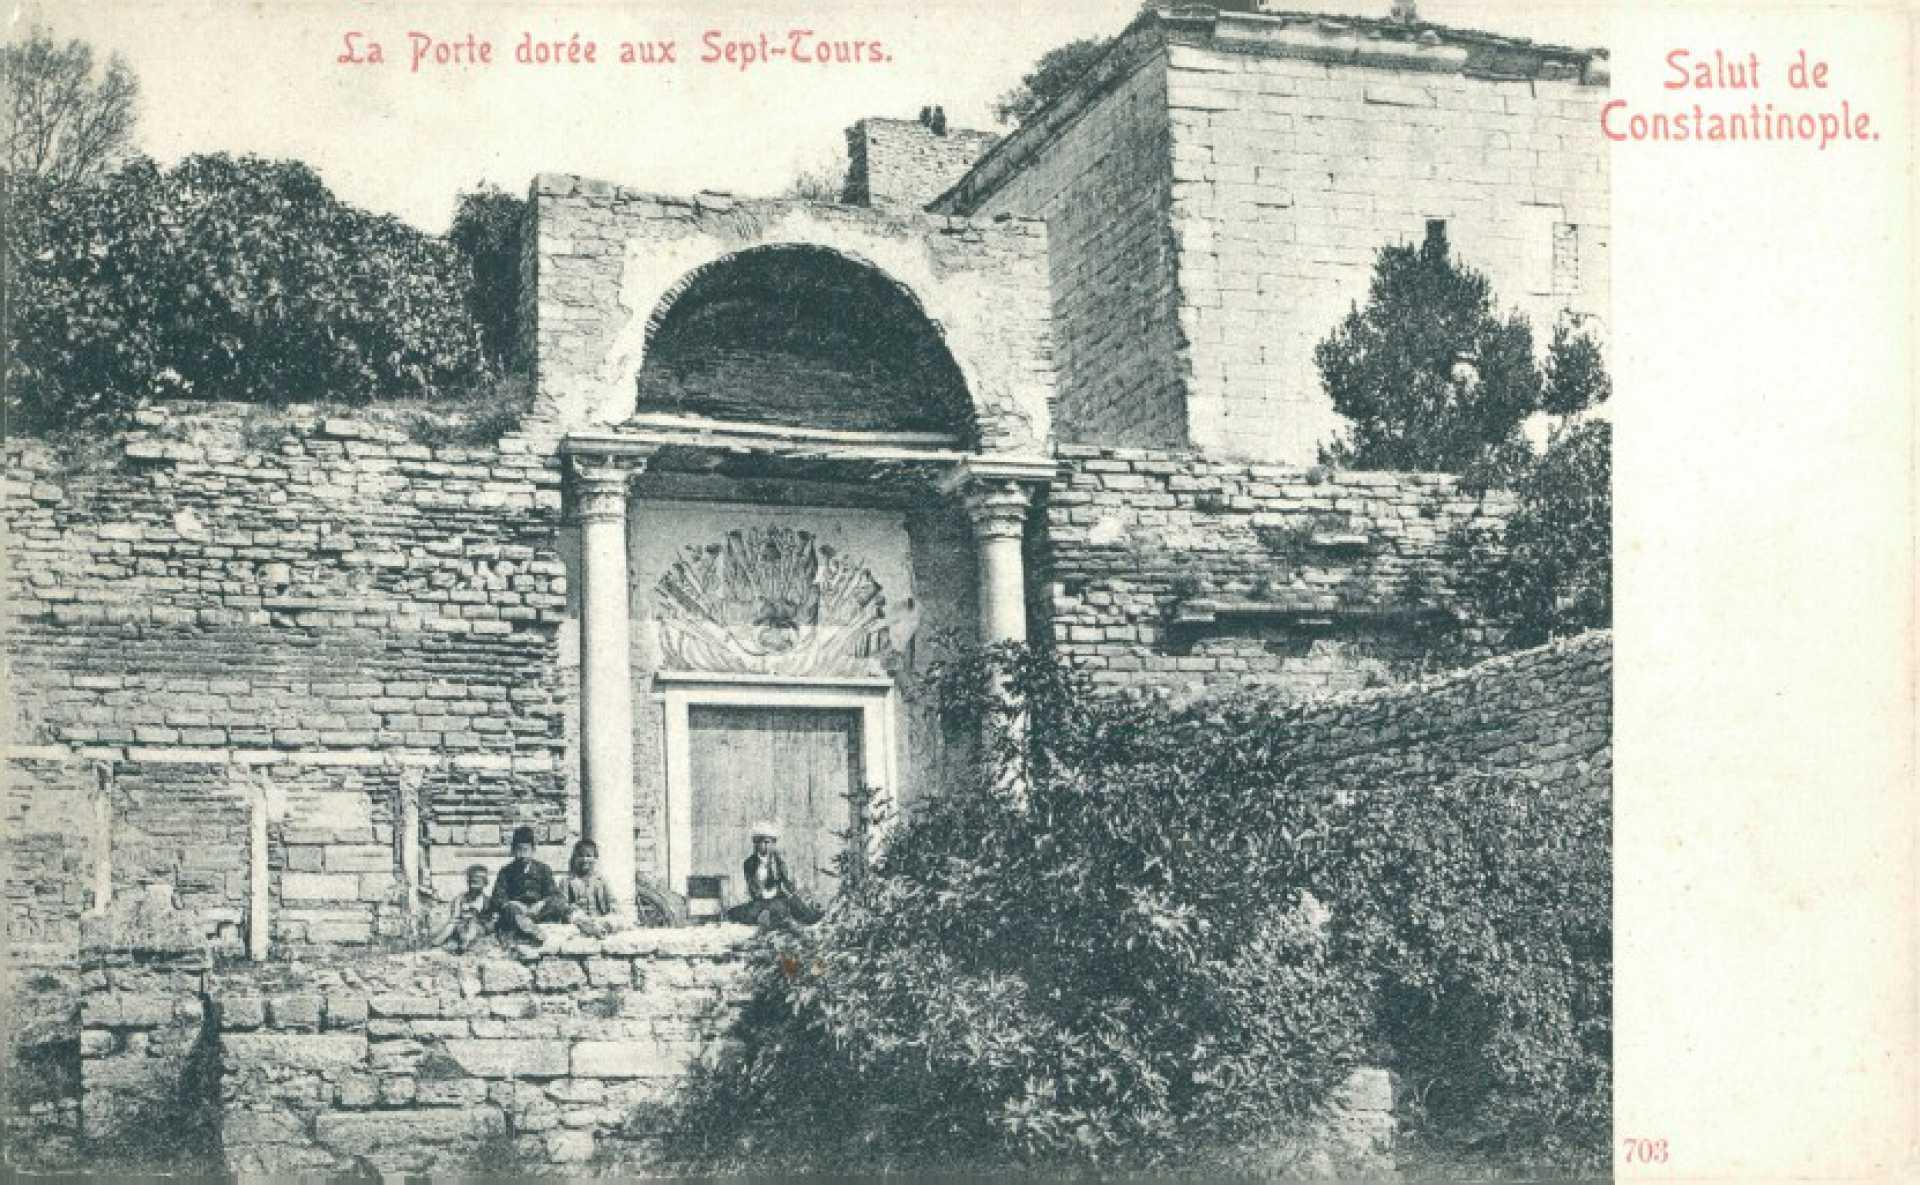 La Porte doree aux Sept-Tours